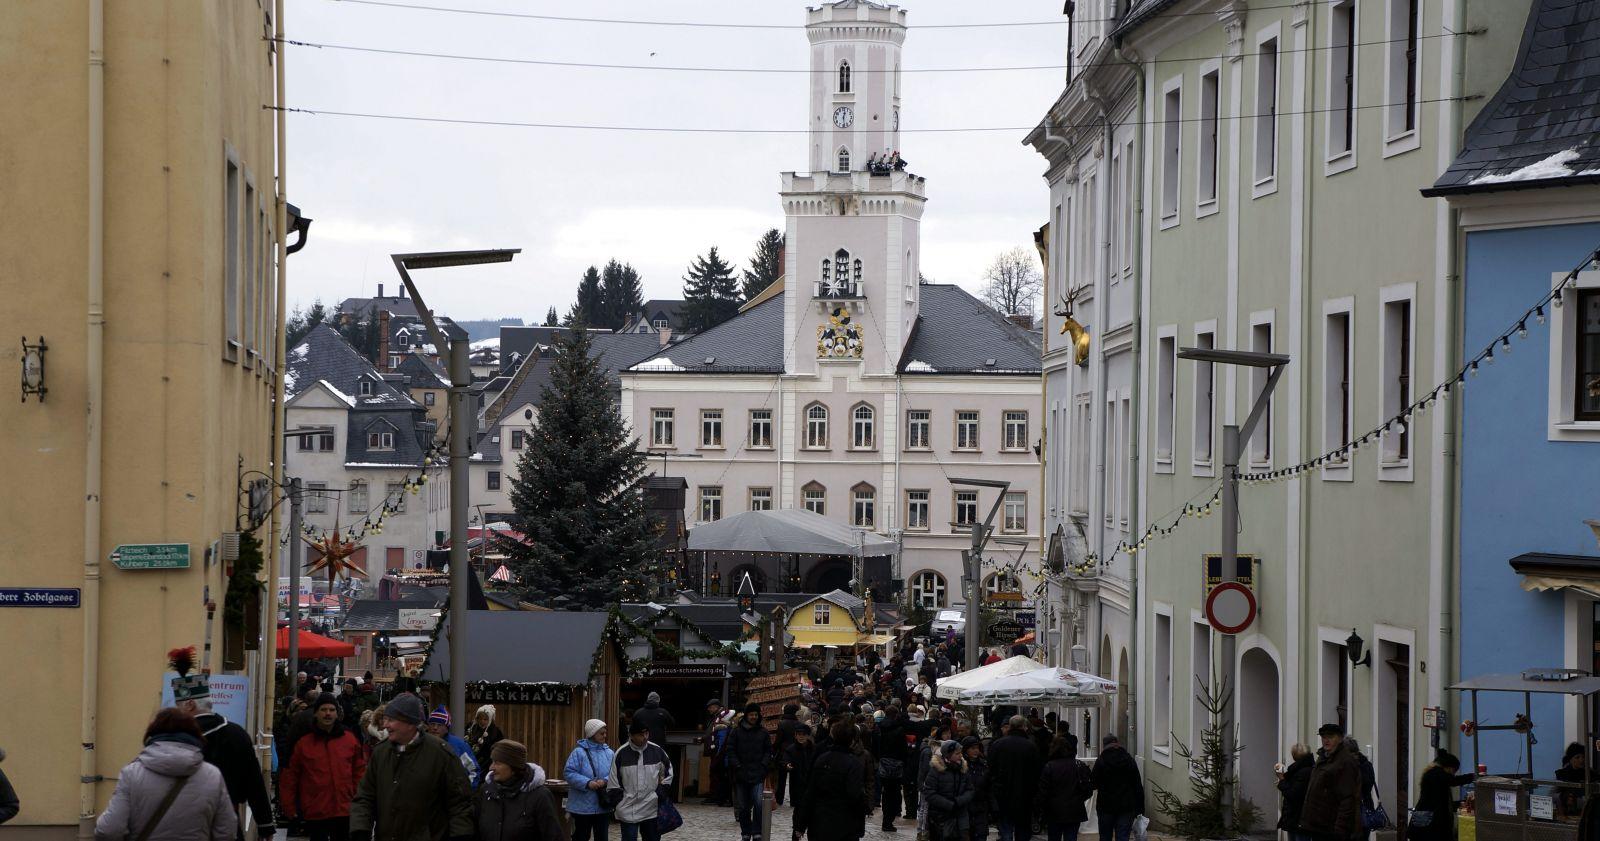 Weihnachtsmarkt Beginn 2019.Schneeberger Weihnachtsmarkt 2019